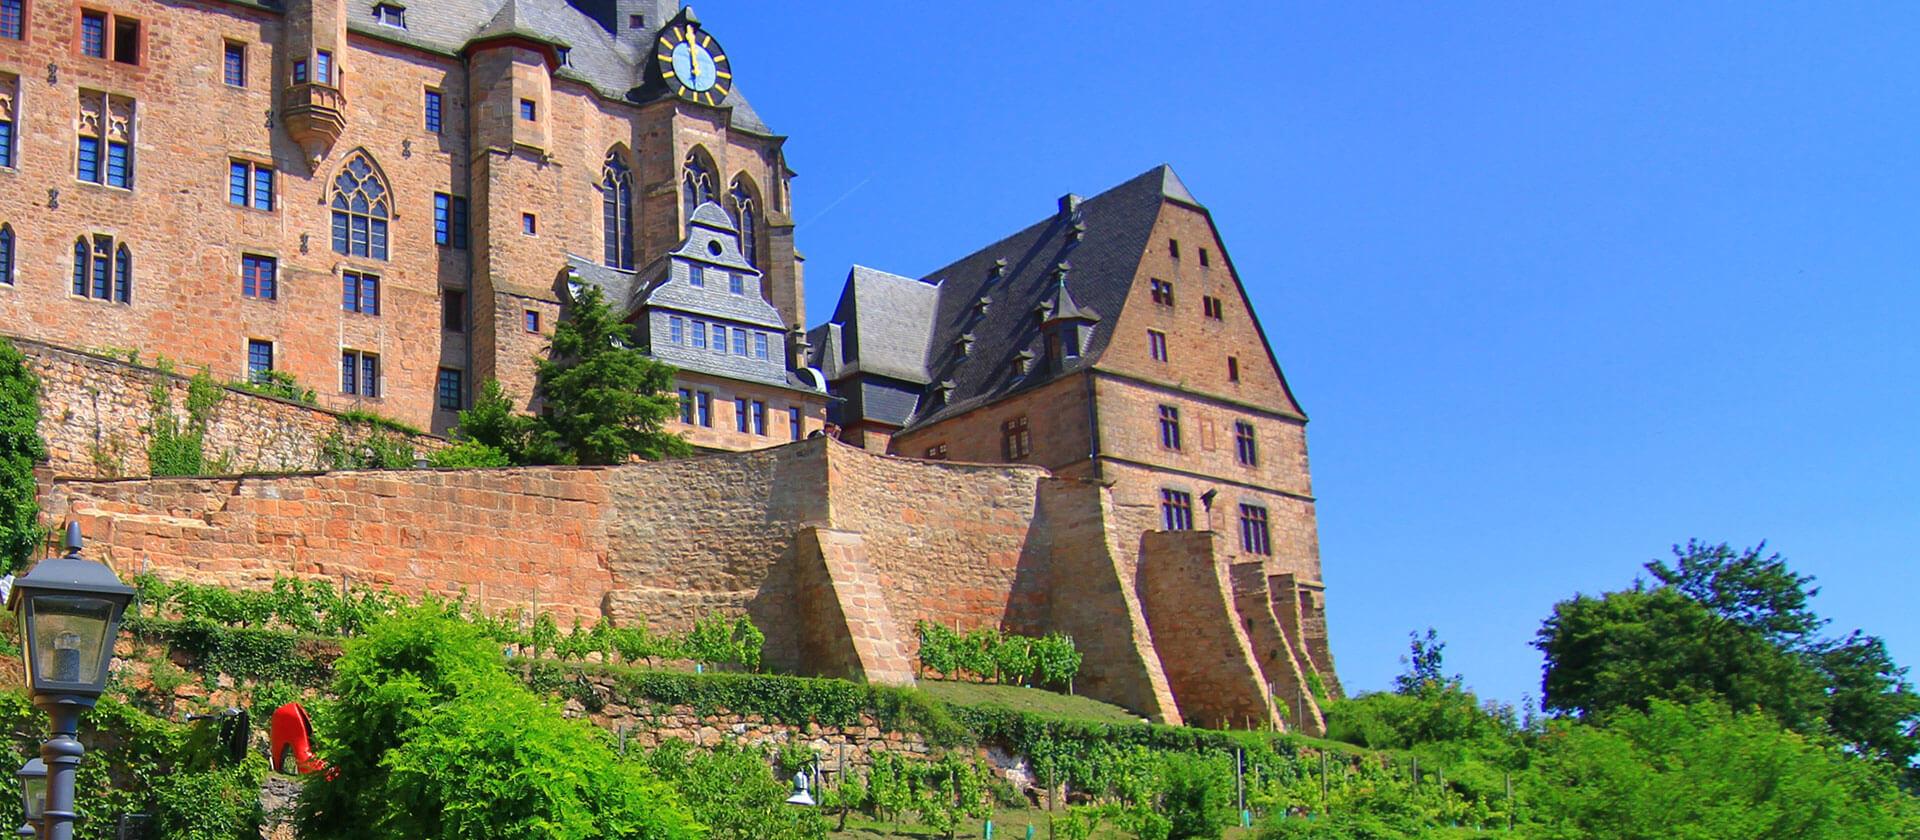 Der Grimm-Dich-Pfad in Marburg: Aschenputtels Schuh am Landgrafenschloss